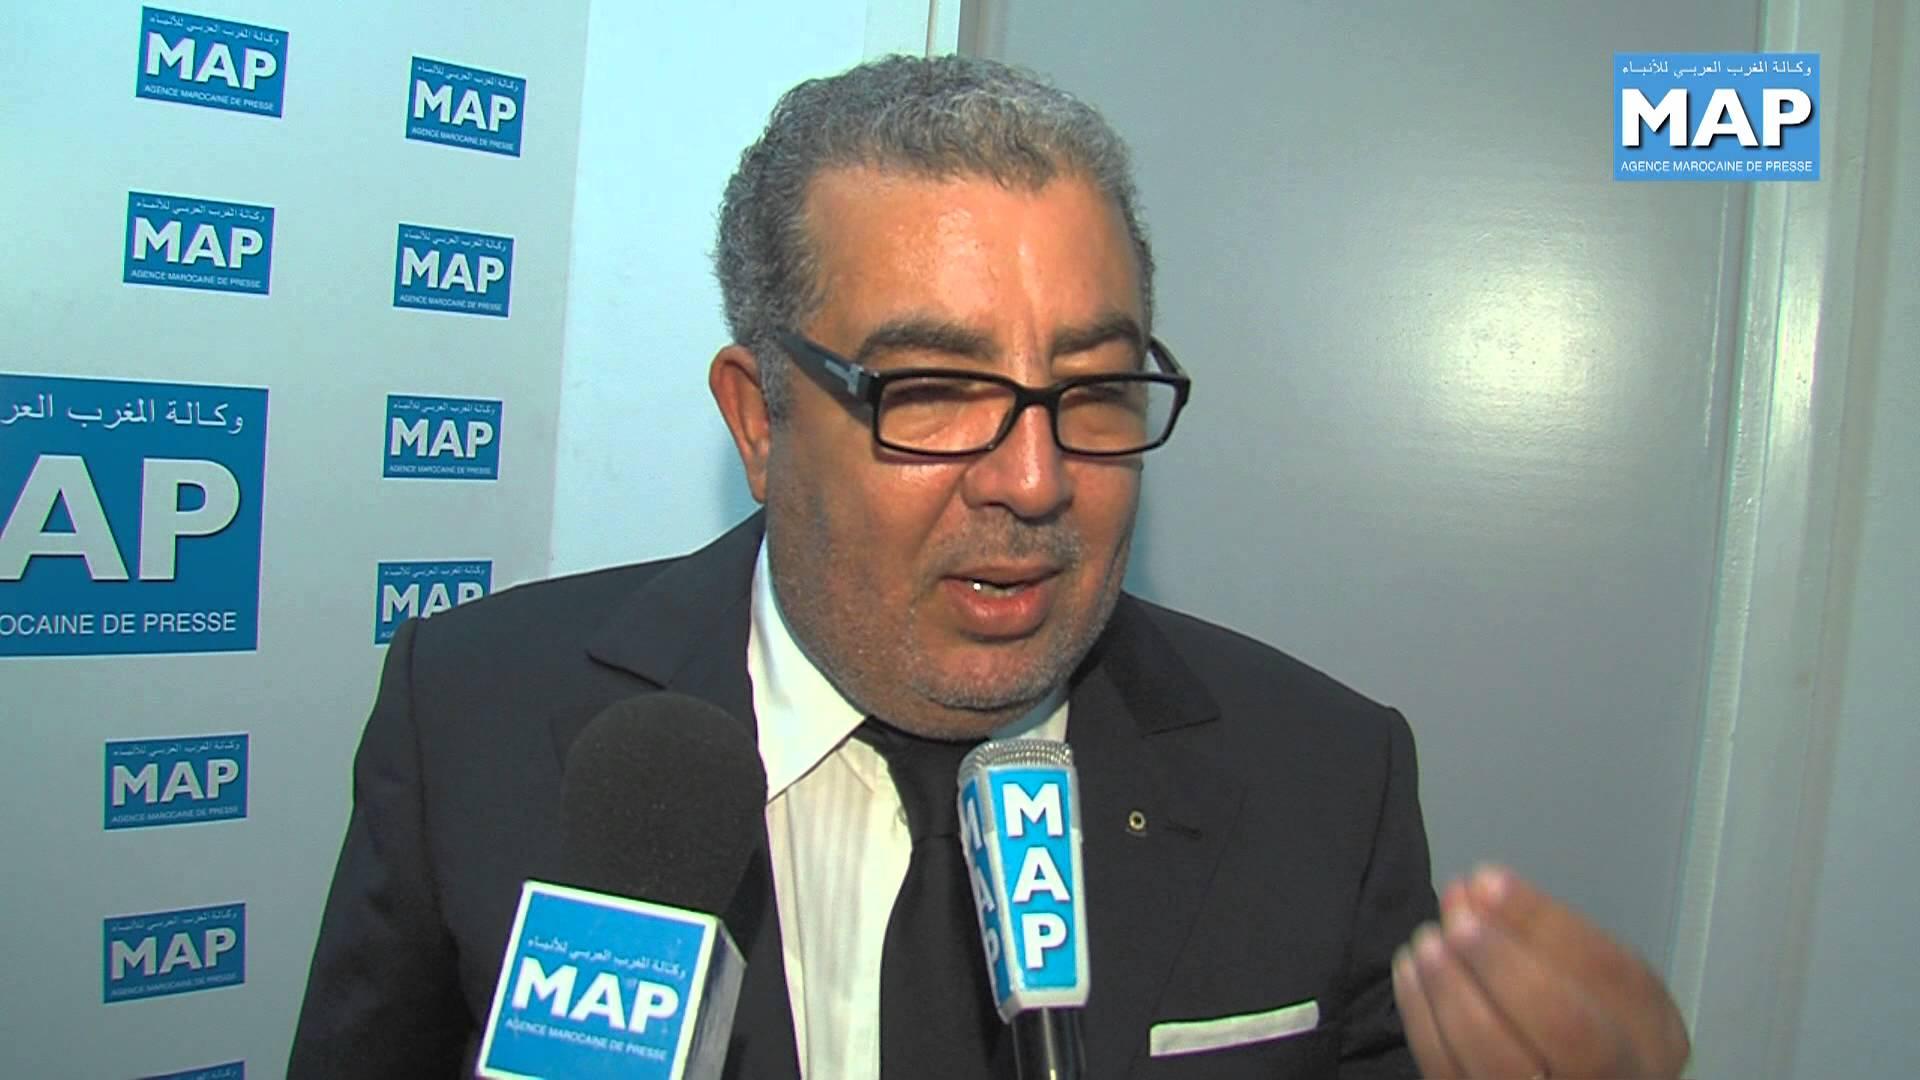 قضاة المجلس الأعلى للحسابات في مهمة إفتحاص لوكالة المغرب العربي للأنباء